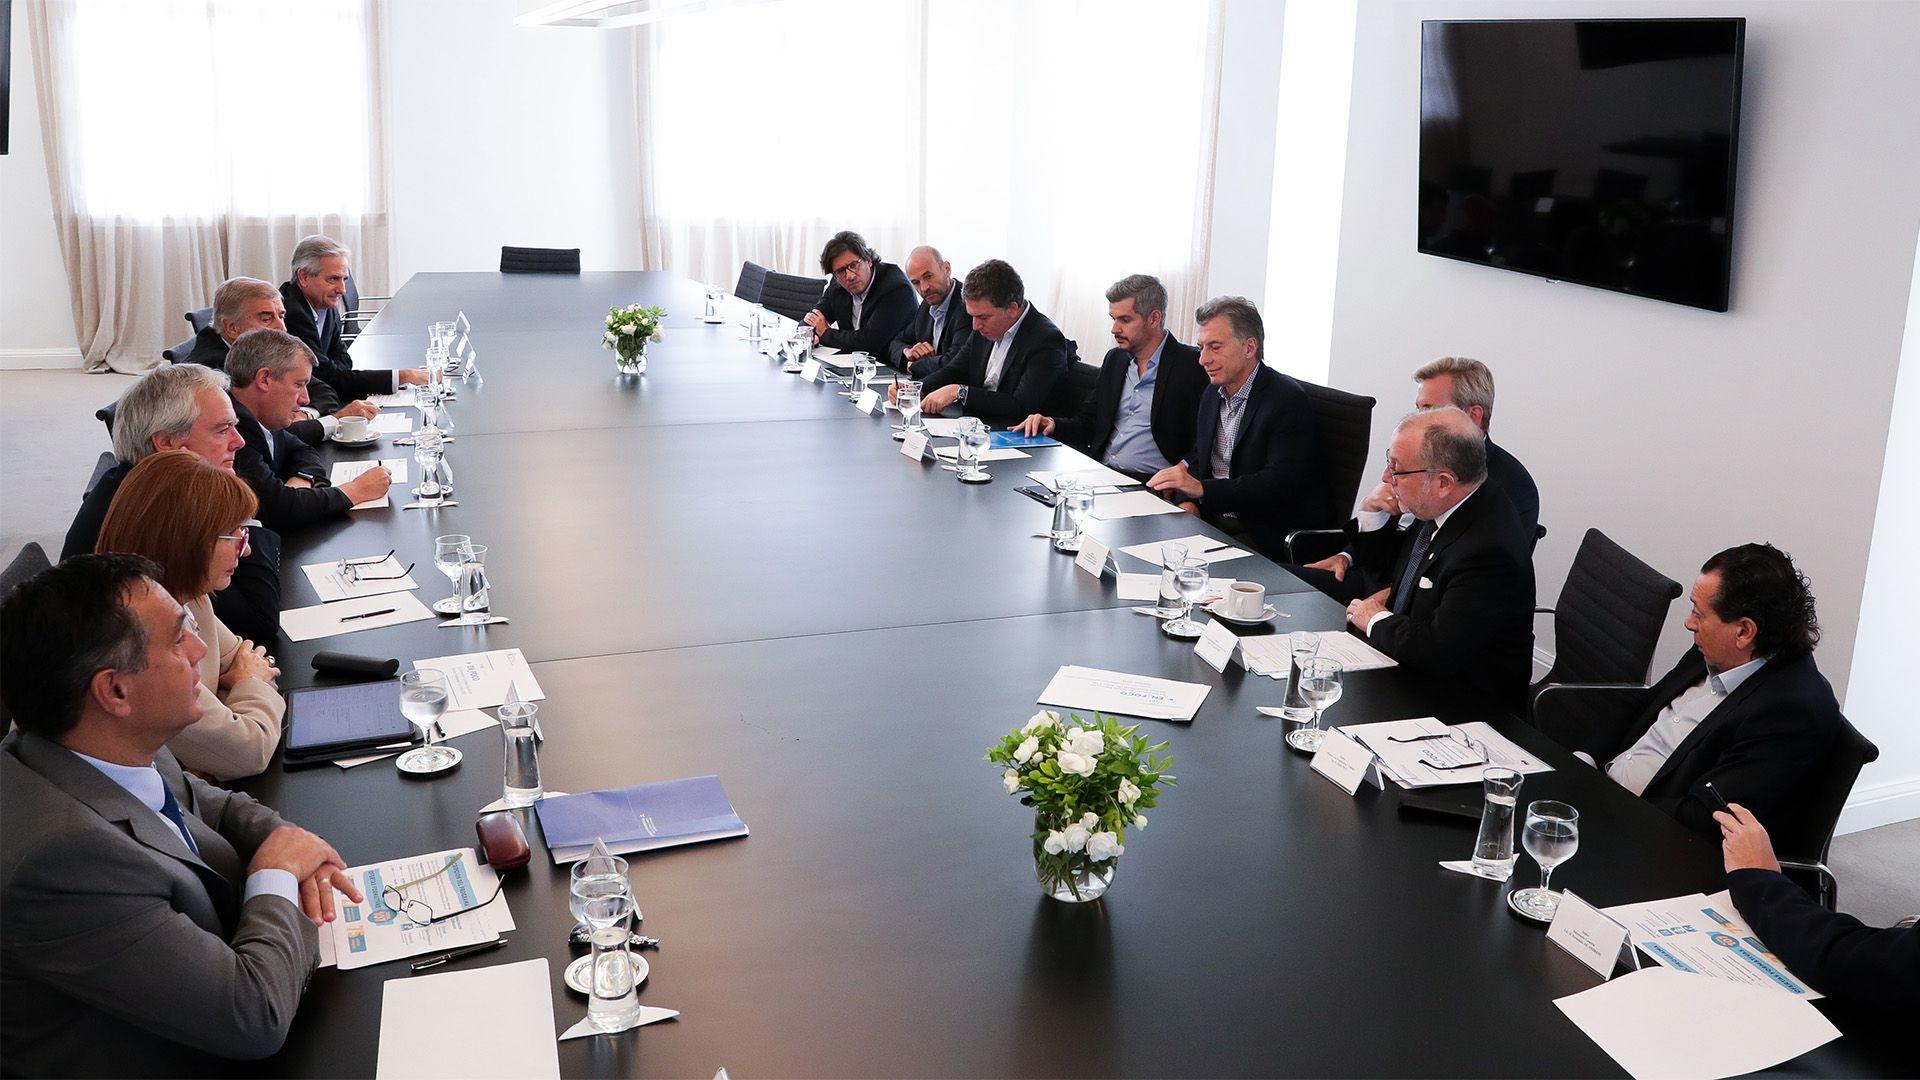 El Presidente reunirá a su gabinete en Olivos (Foto de archivo: Prensa Presidencia)